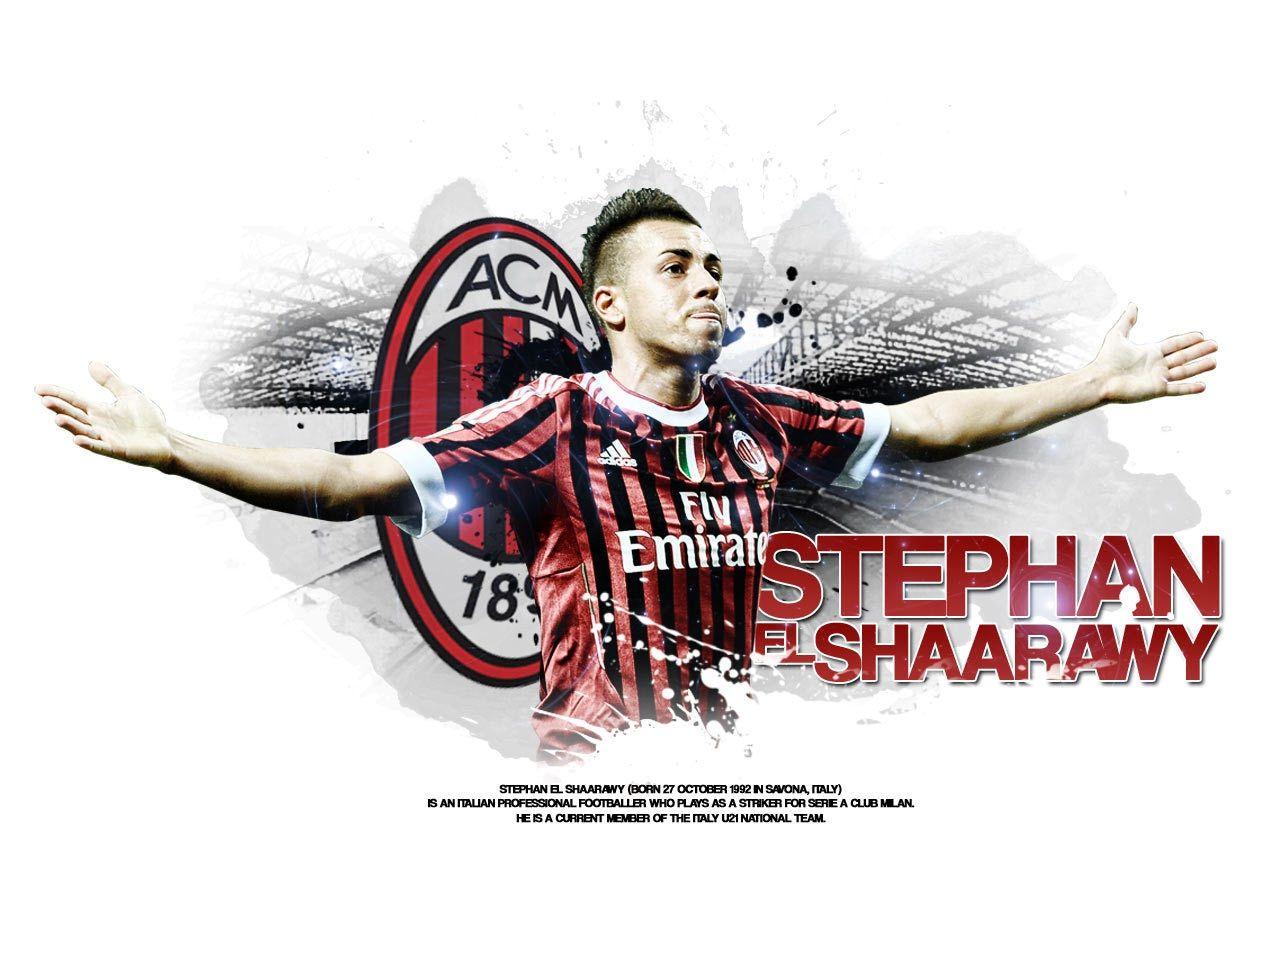 Stephan el shaarawy wallpapers 46 stephan el shaarawy 2016 stephan el shaarawy wallpapers 46 stephan el shaarawy 2016 voltagebd Choice Image